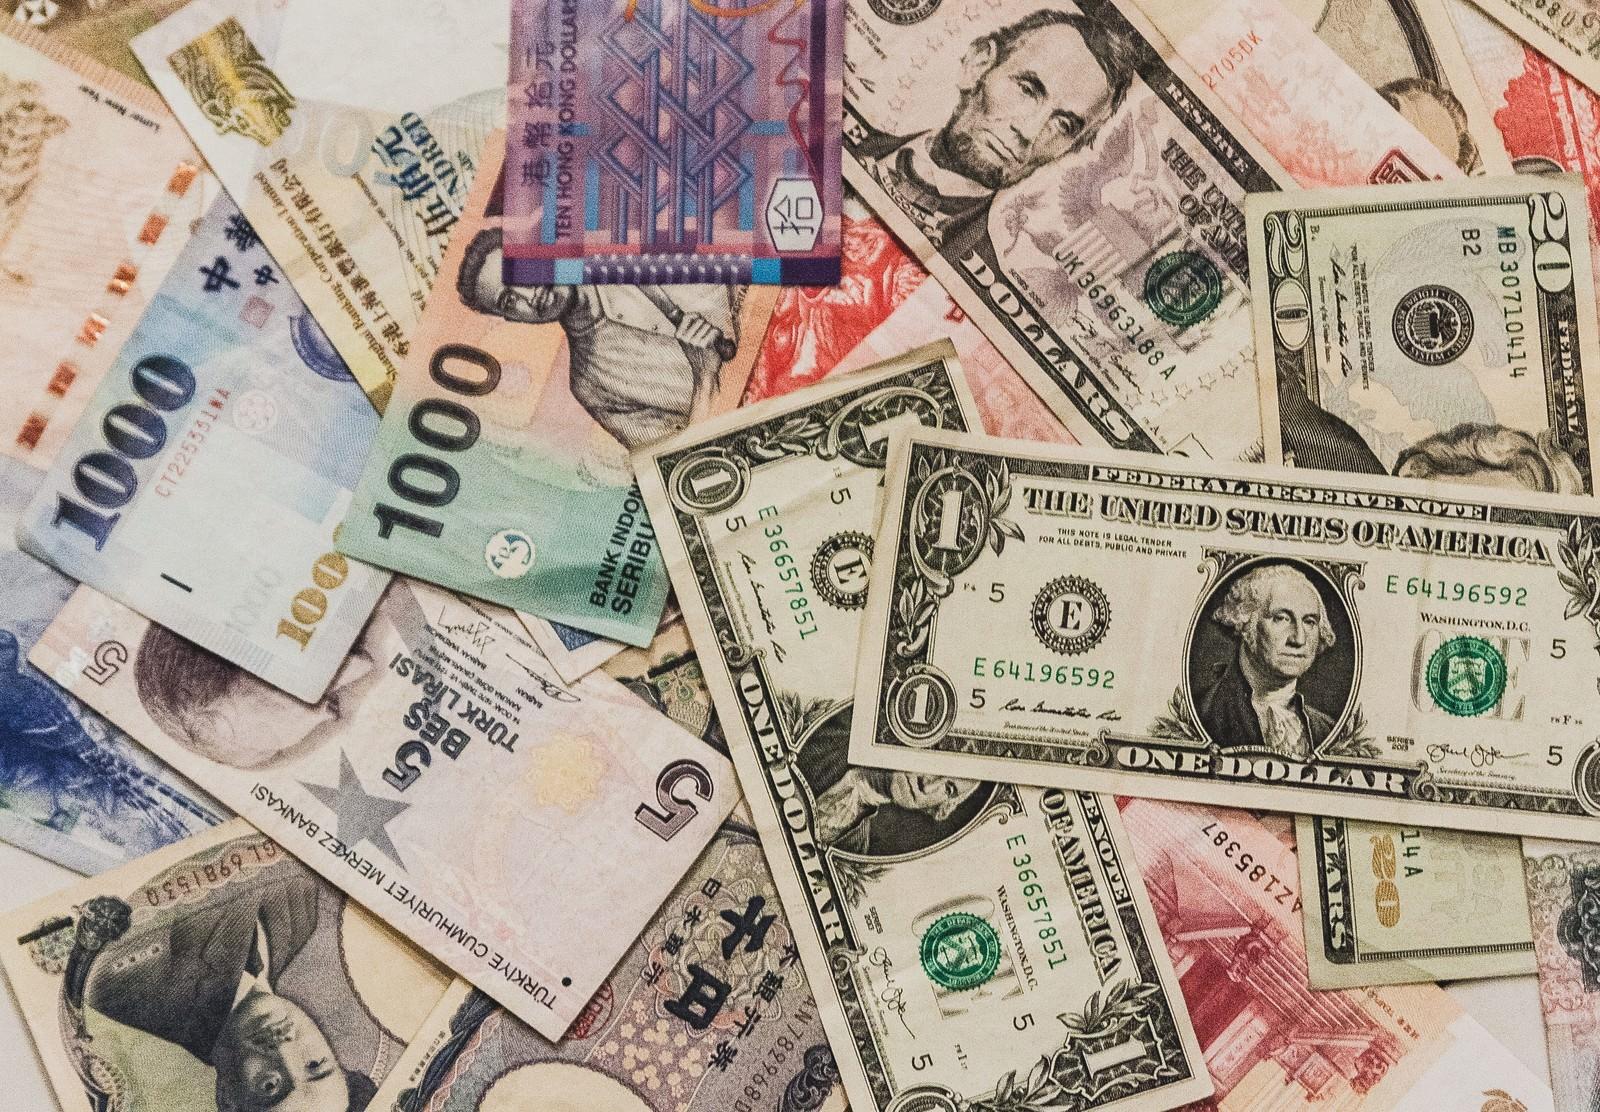 散らばった海外の紙幣の写真(画像)を無料ダウンロード - フリー素材 ...